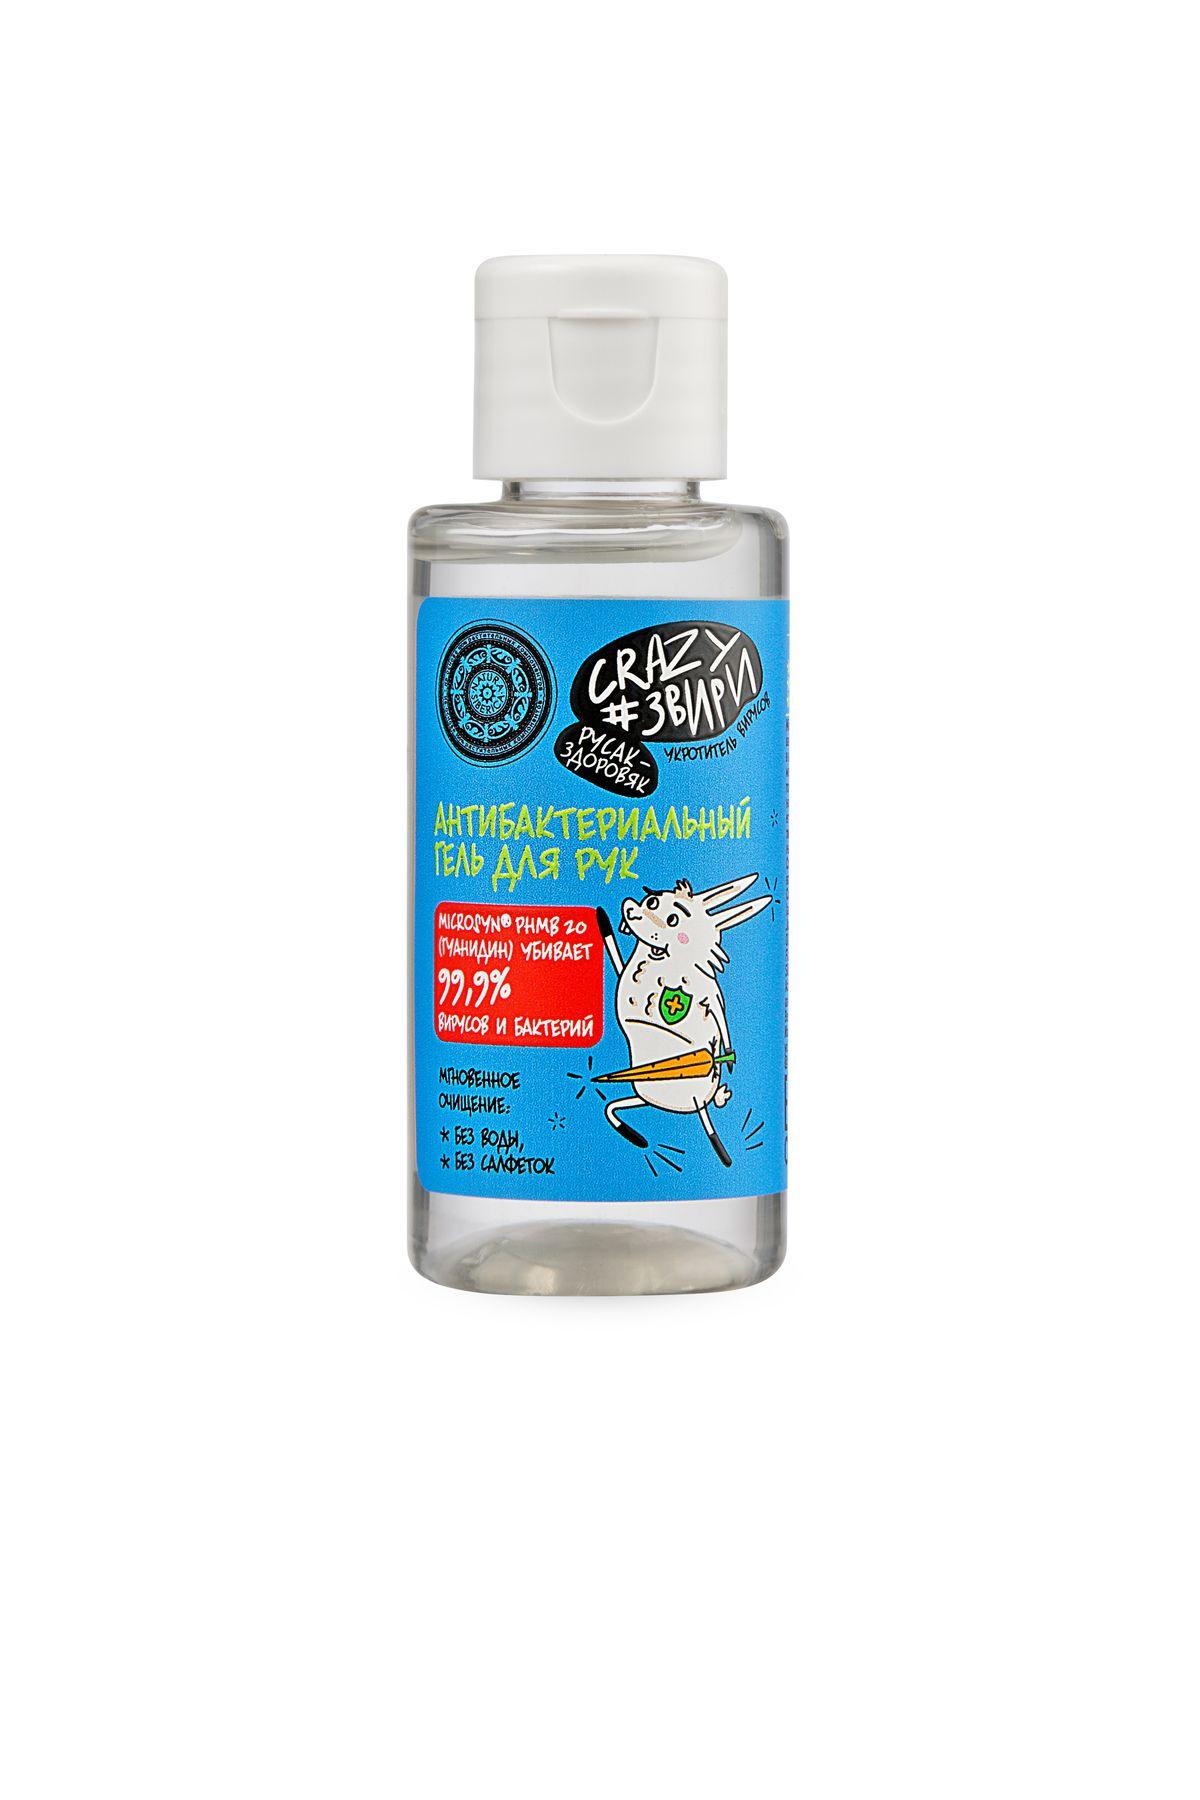 Купить Natura Siberica Crazy #звири Русак-здоровяк Антибактериальный гель для рук, 50 мл (shop: Organic-shops Organic shops)